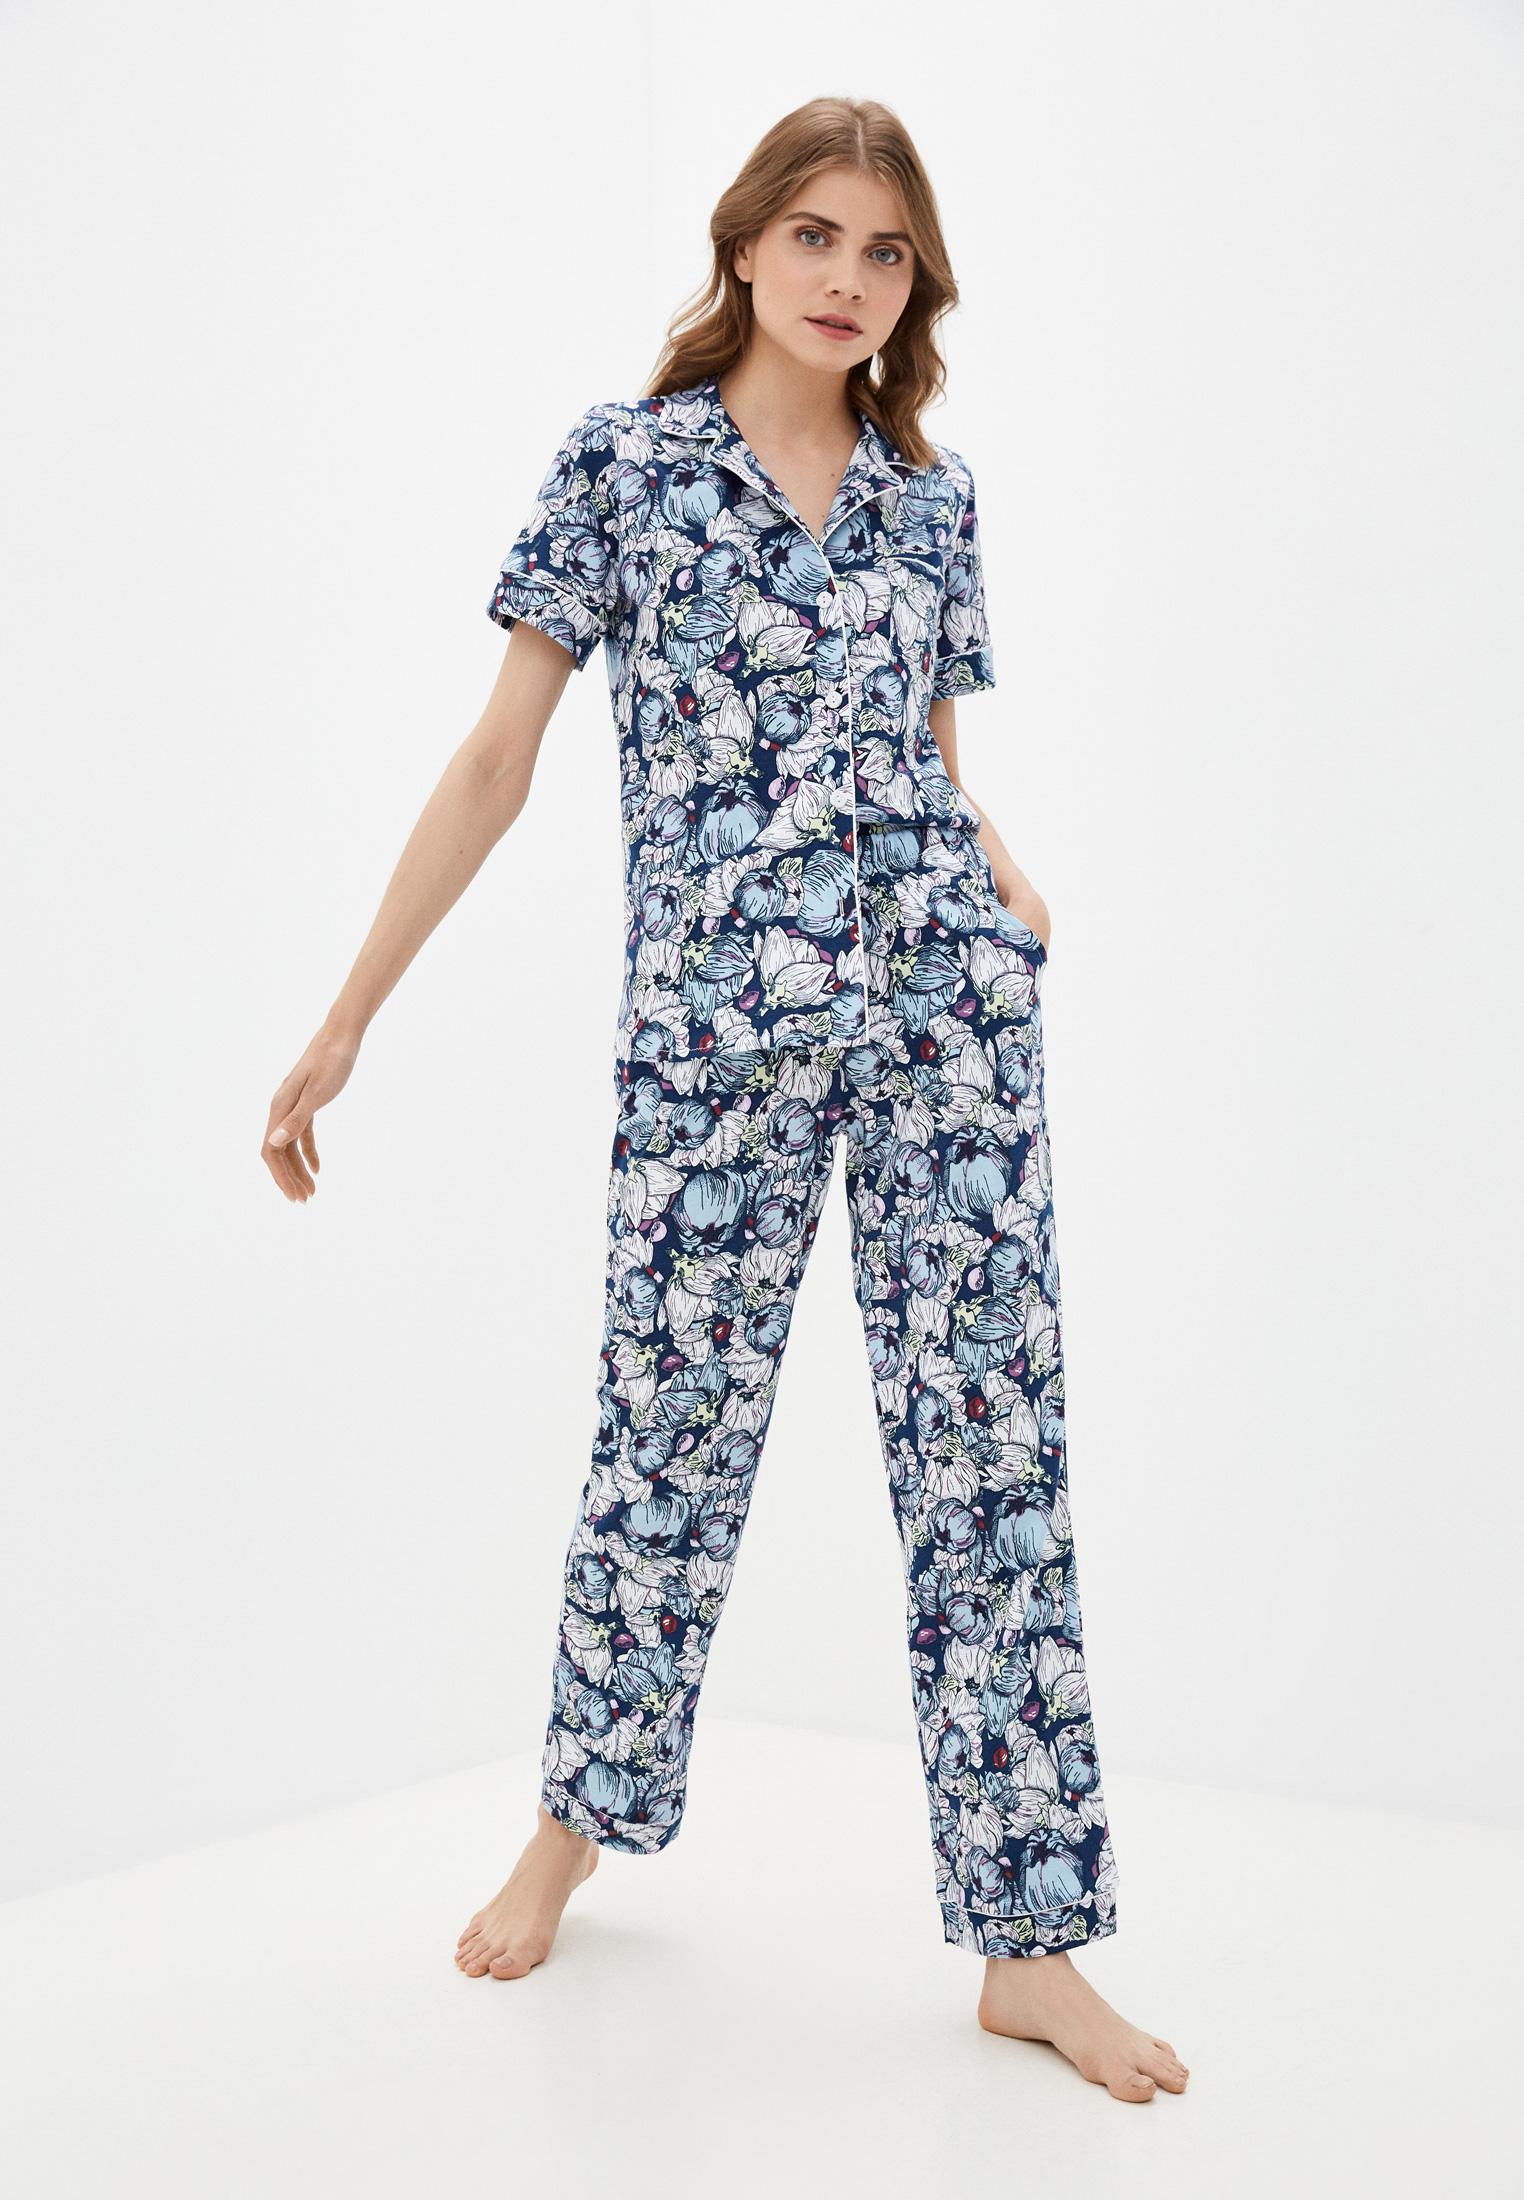 Женское белье и одежда для дома Winzor Пижама Winzor